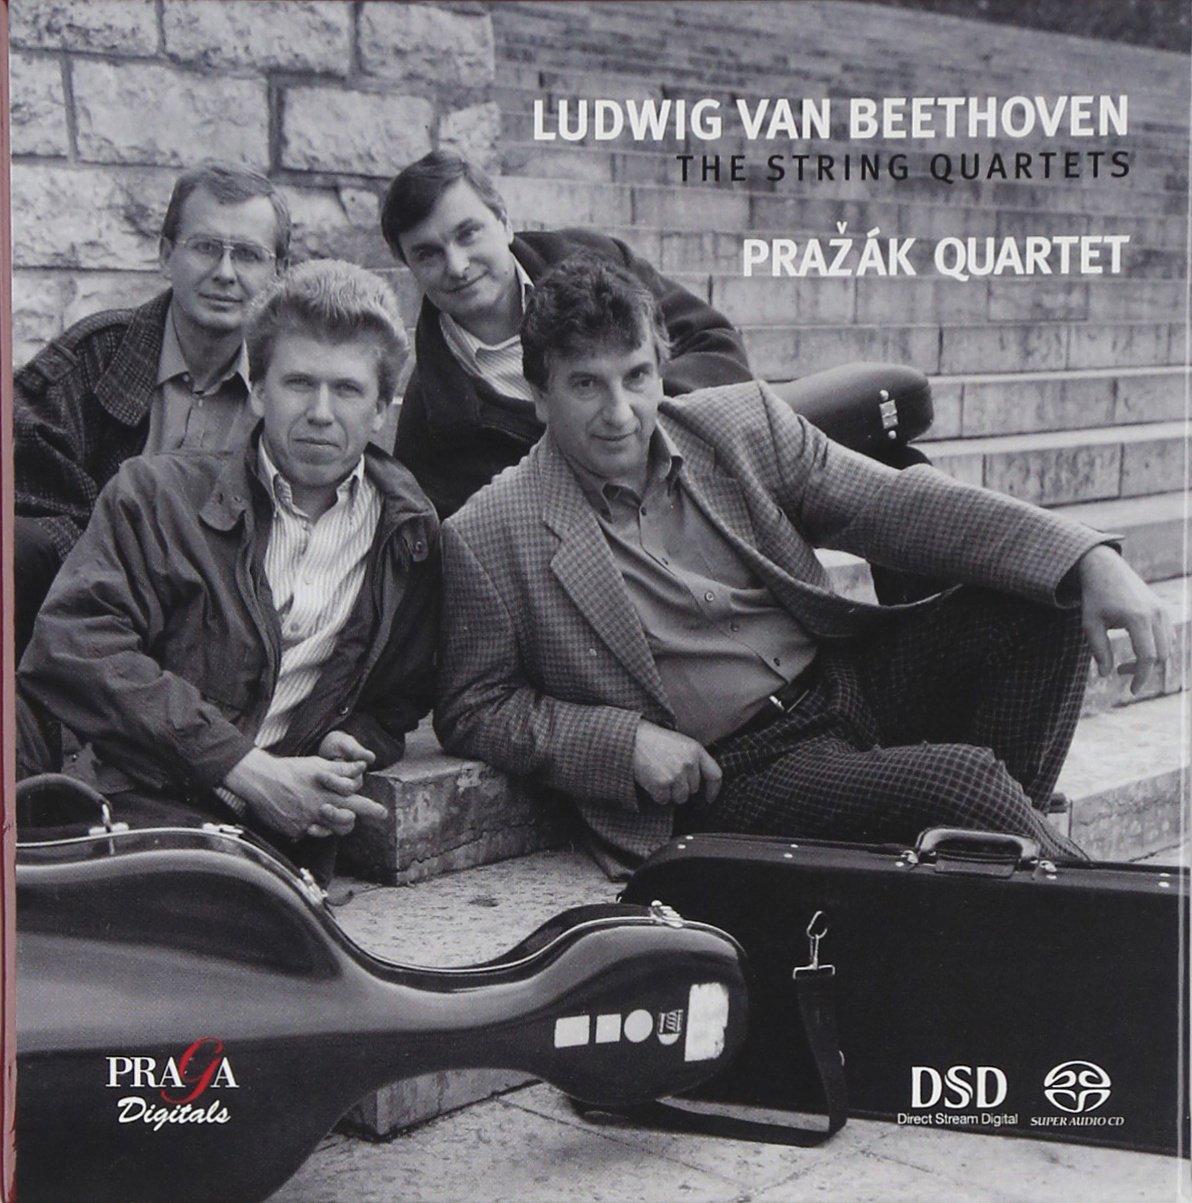 Le quatuor Prazak 71LvuqMdoqL._SL1203_